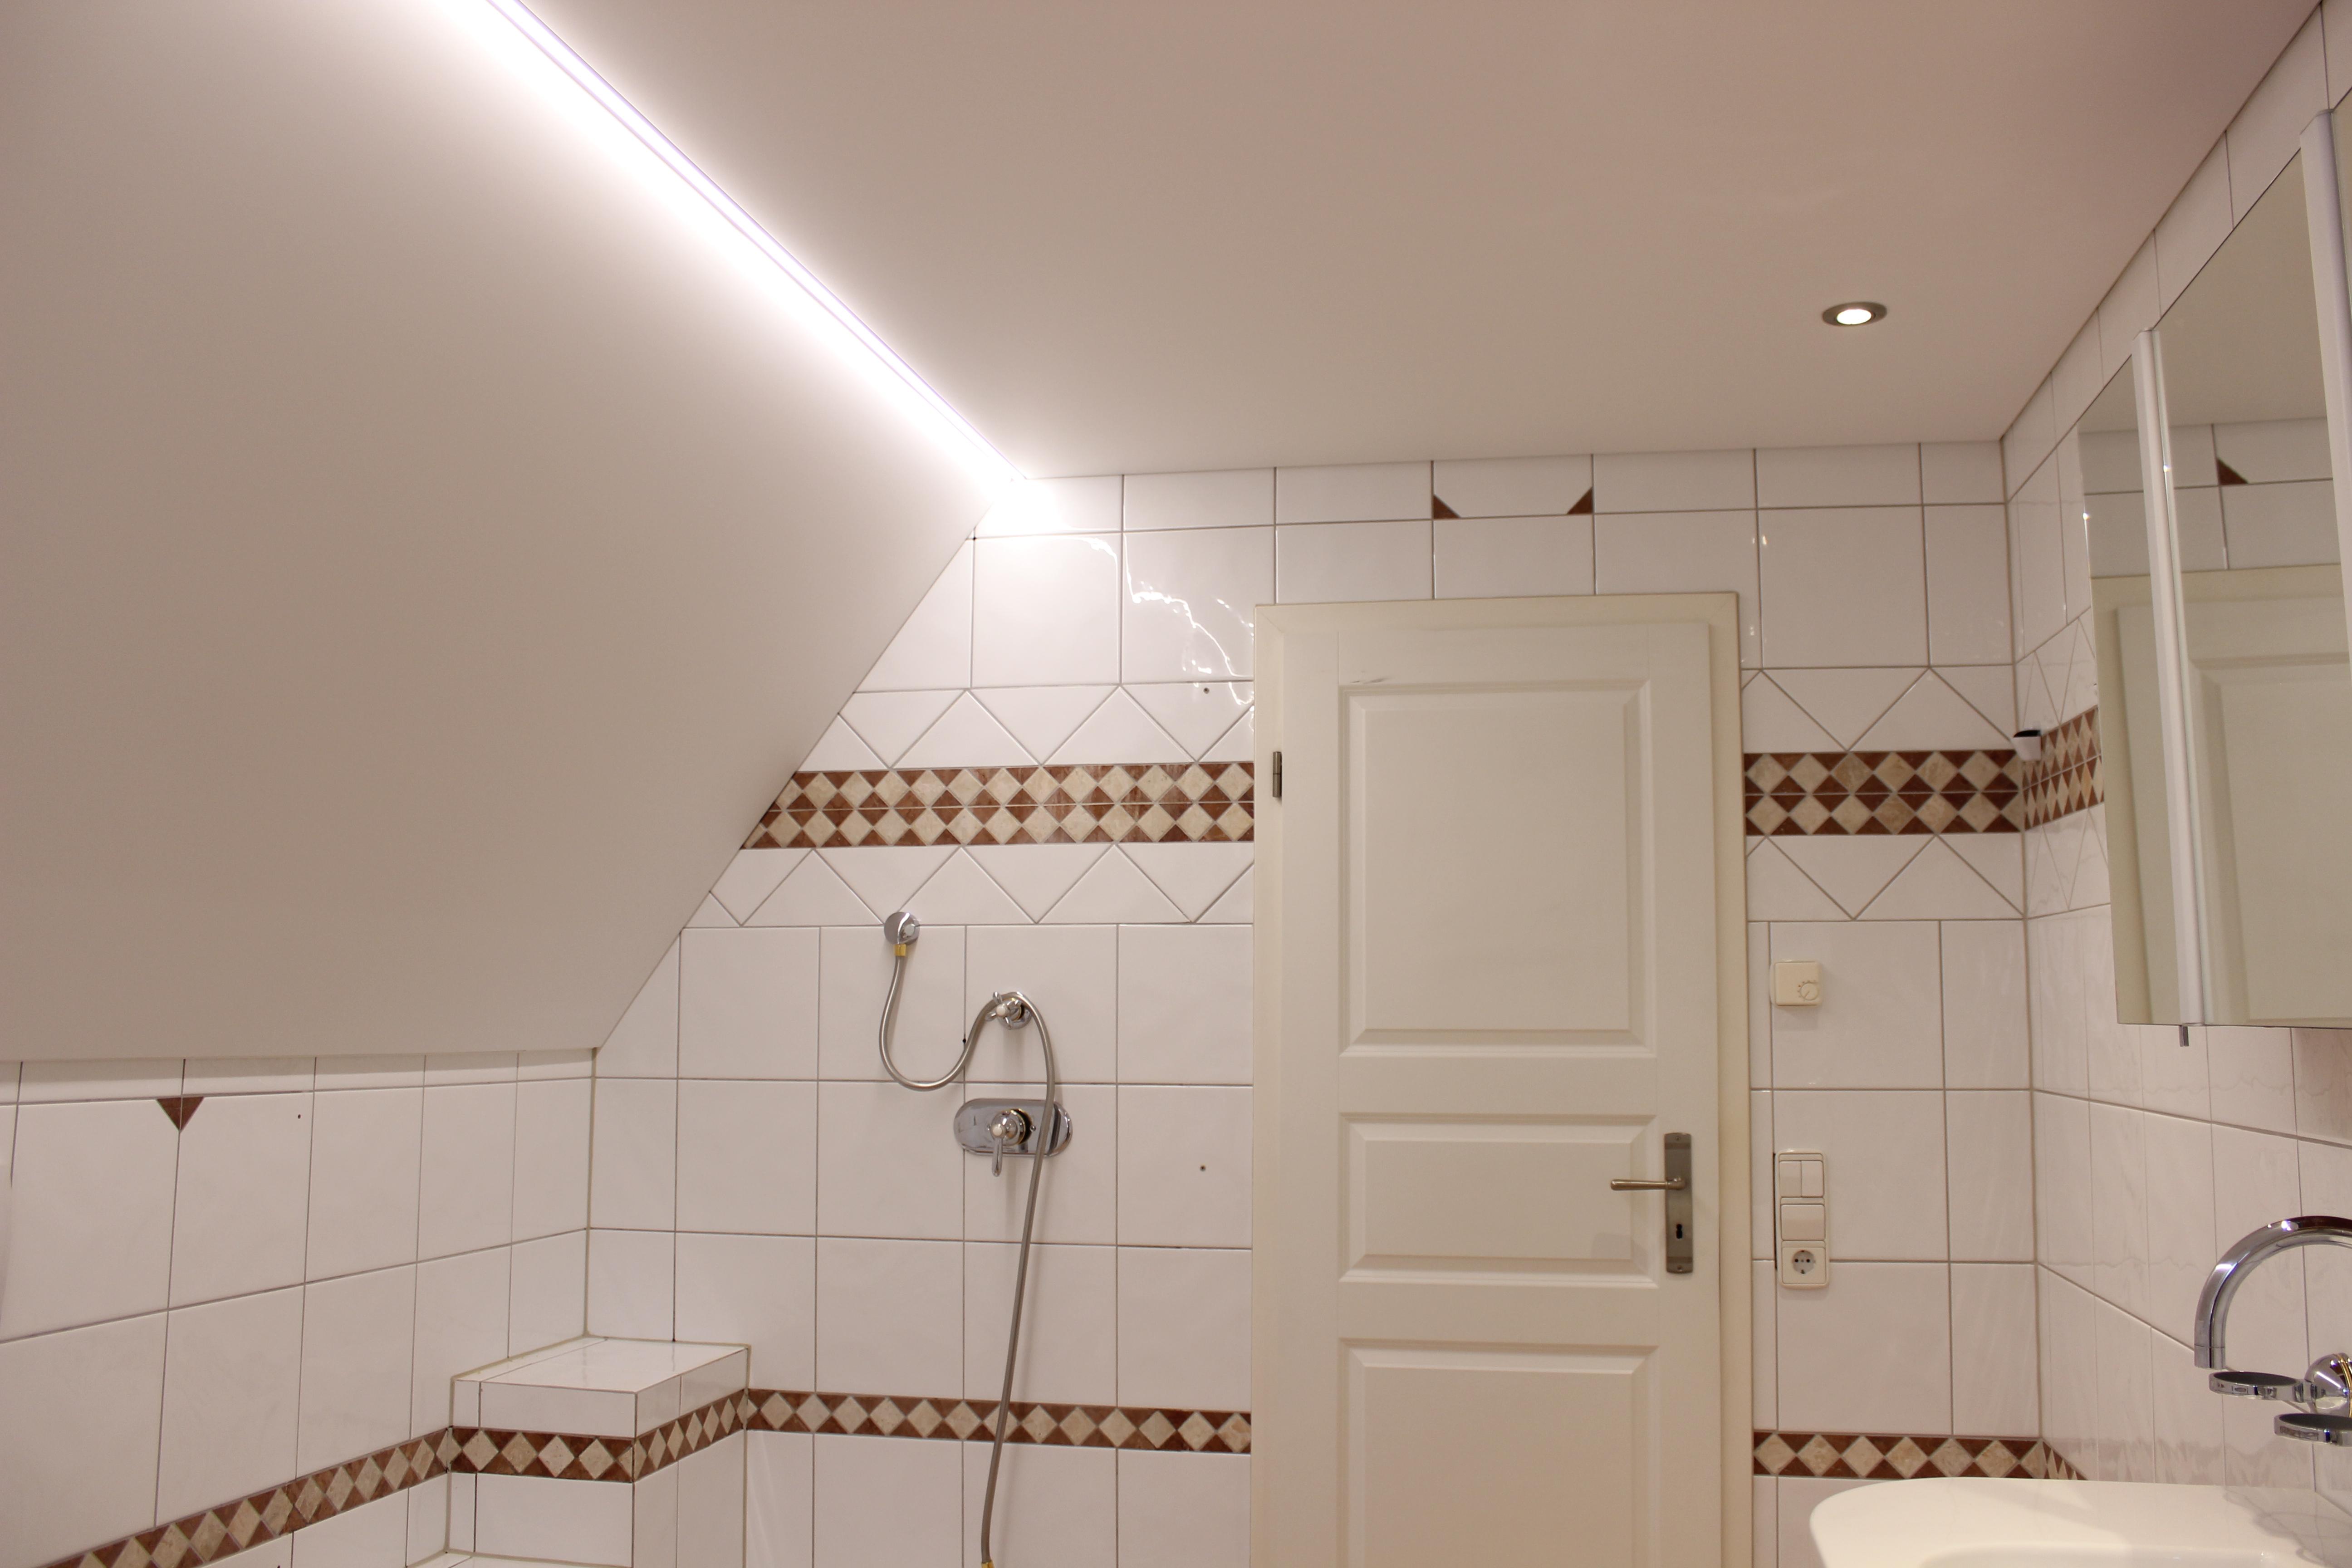 Spanndeckenstudio Teller - Dachschräge - Erlenbach